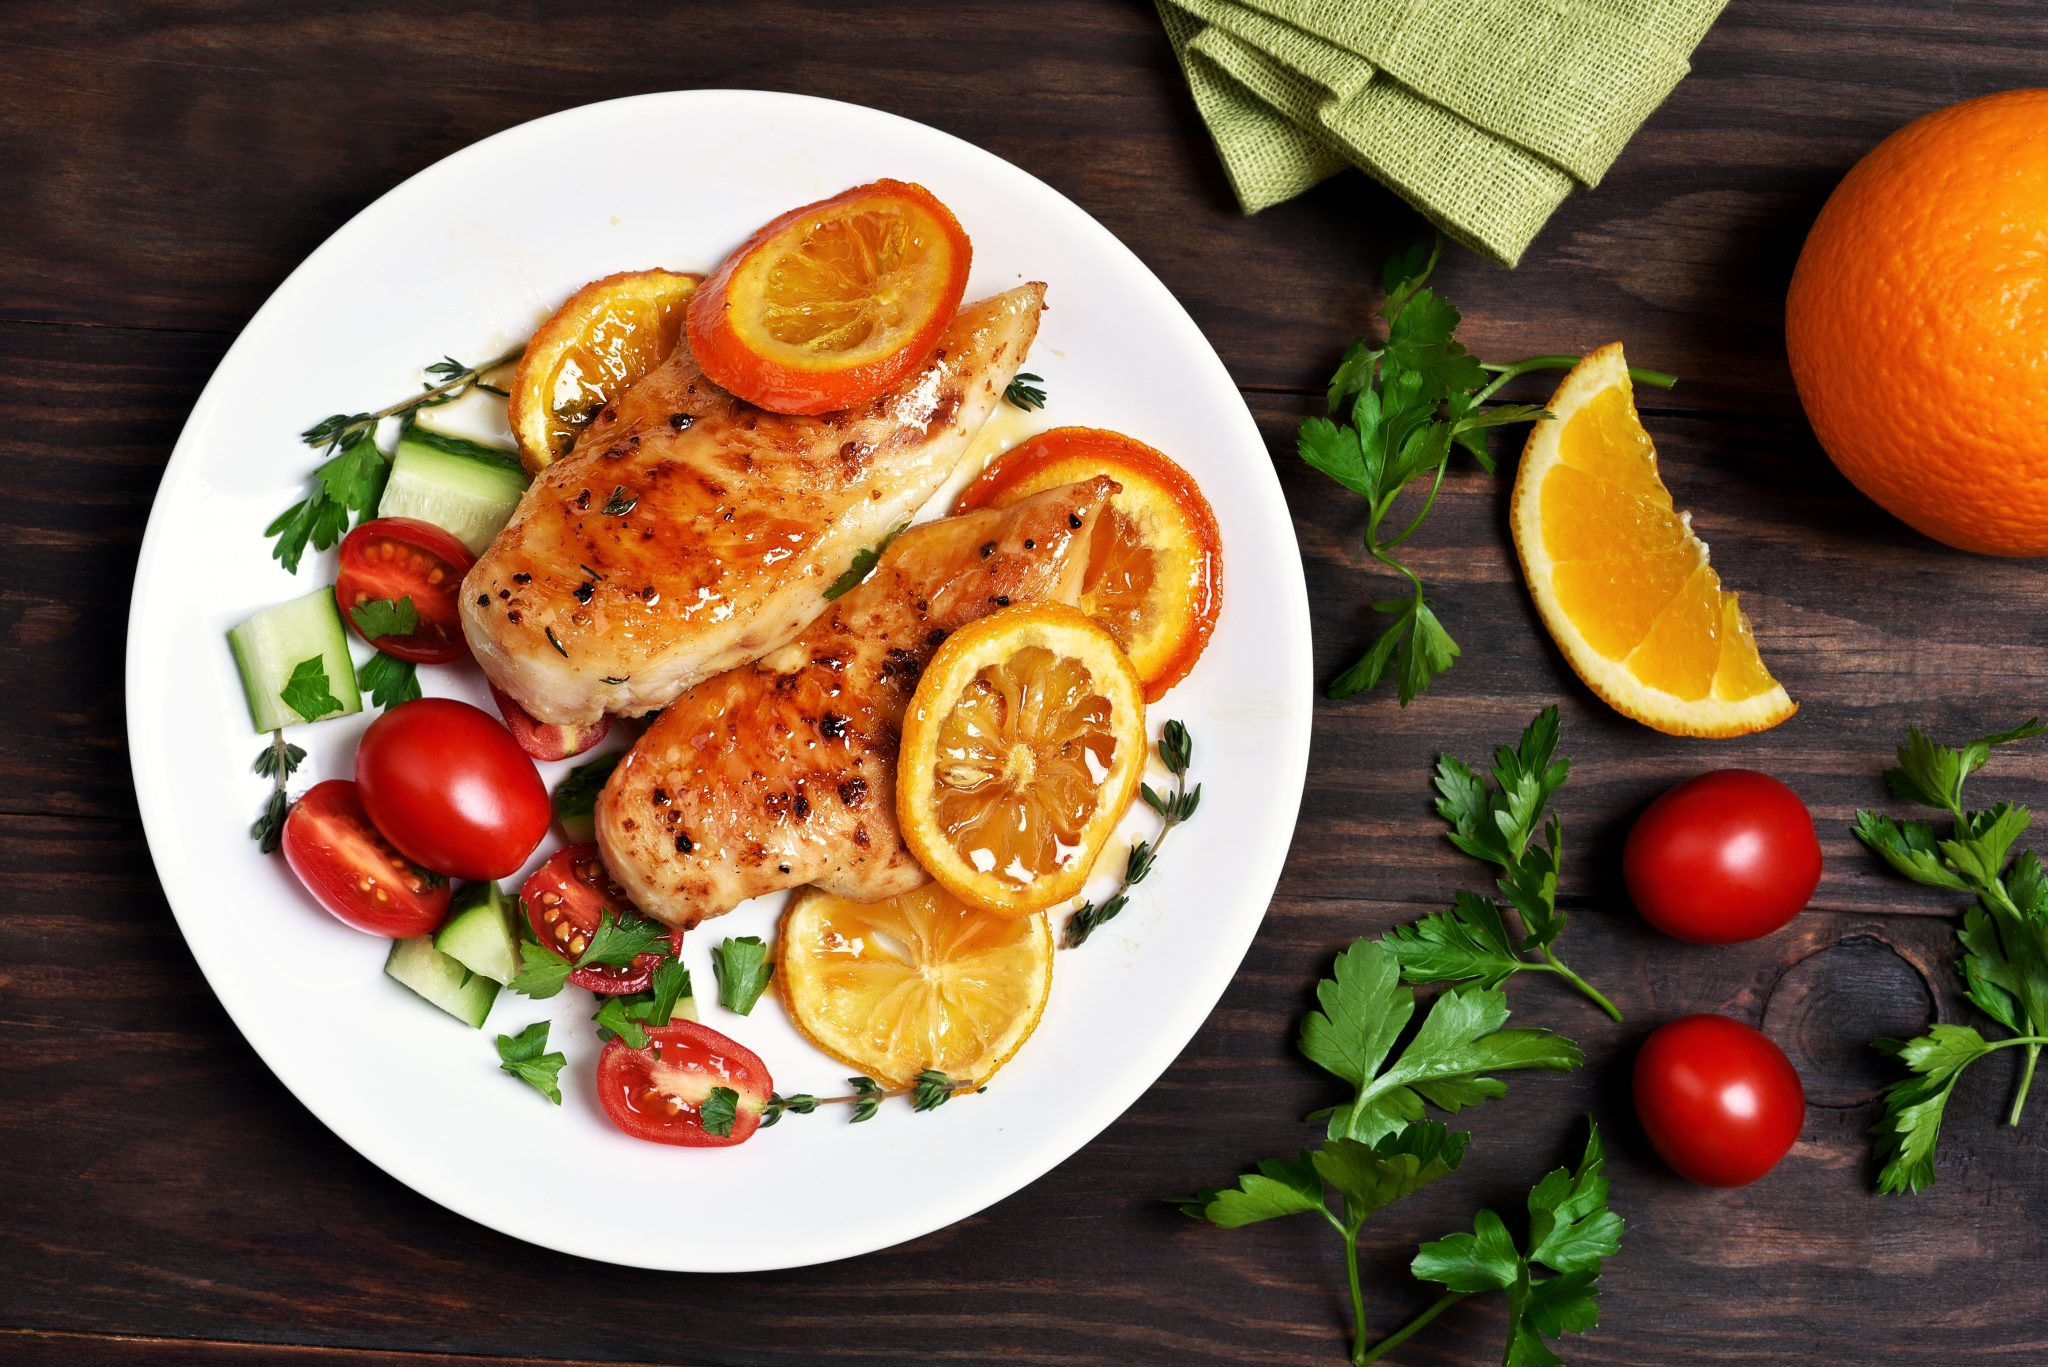 Aiguillettes de poulet à l'orange ww au cookeo - Cookeo Mania